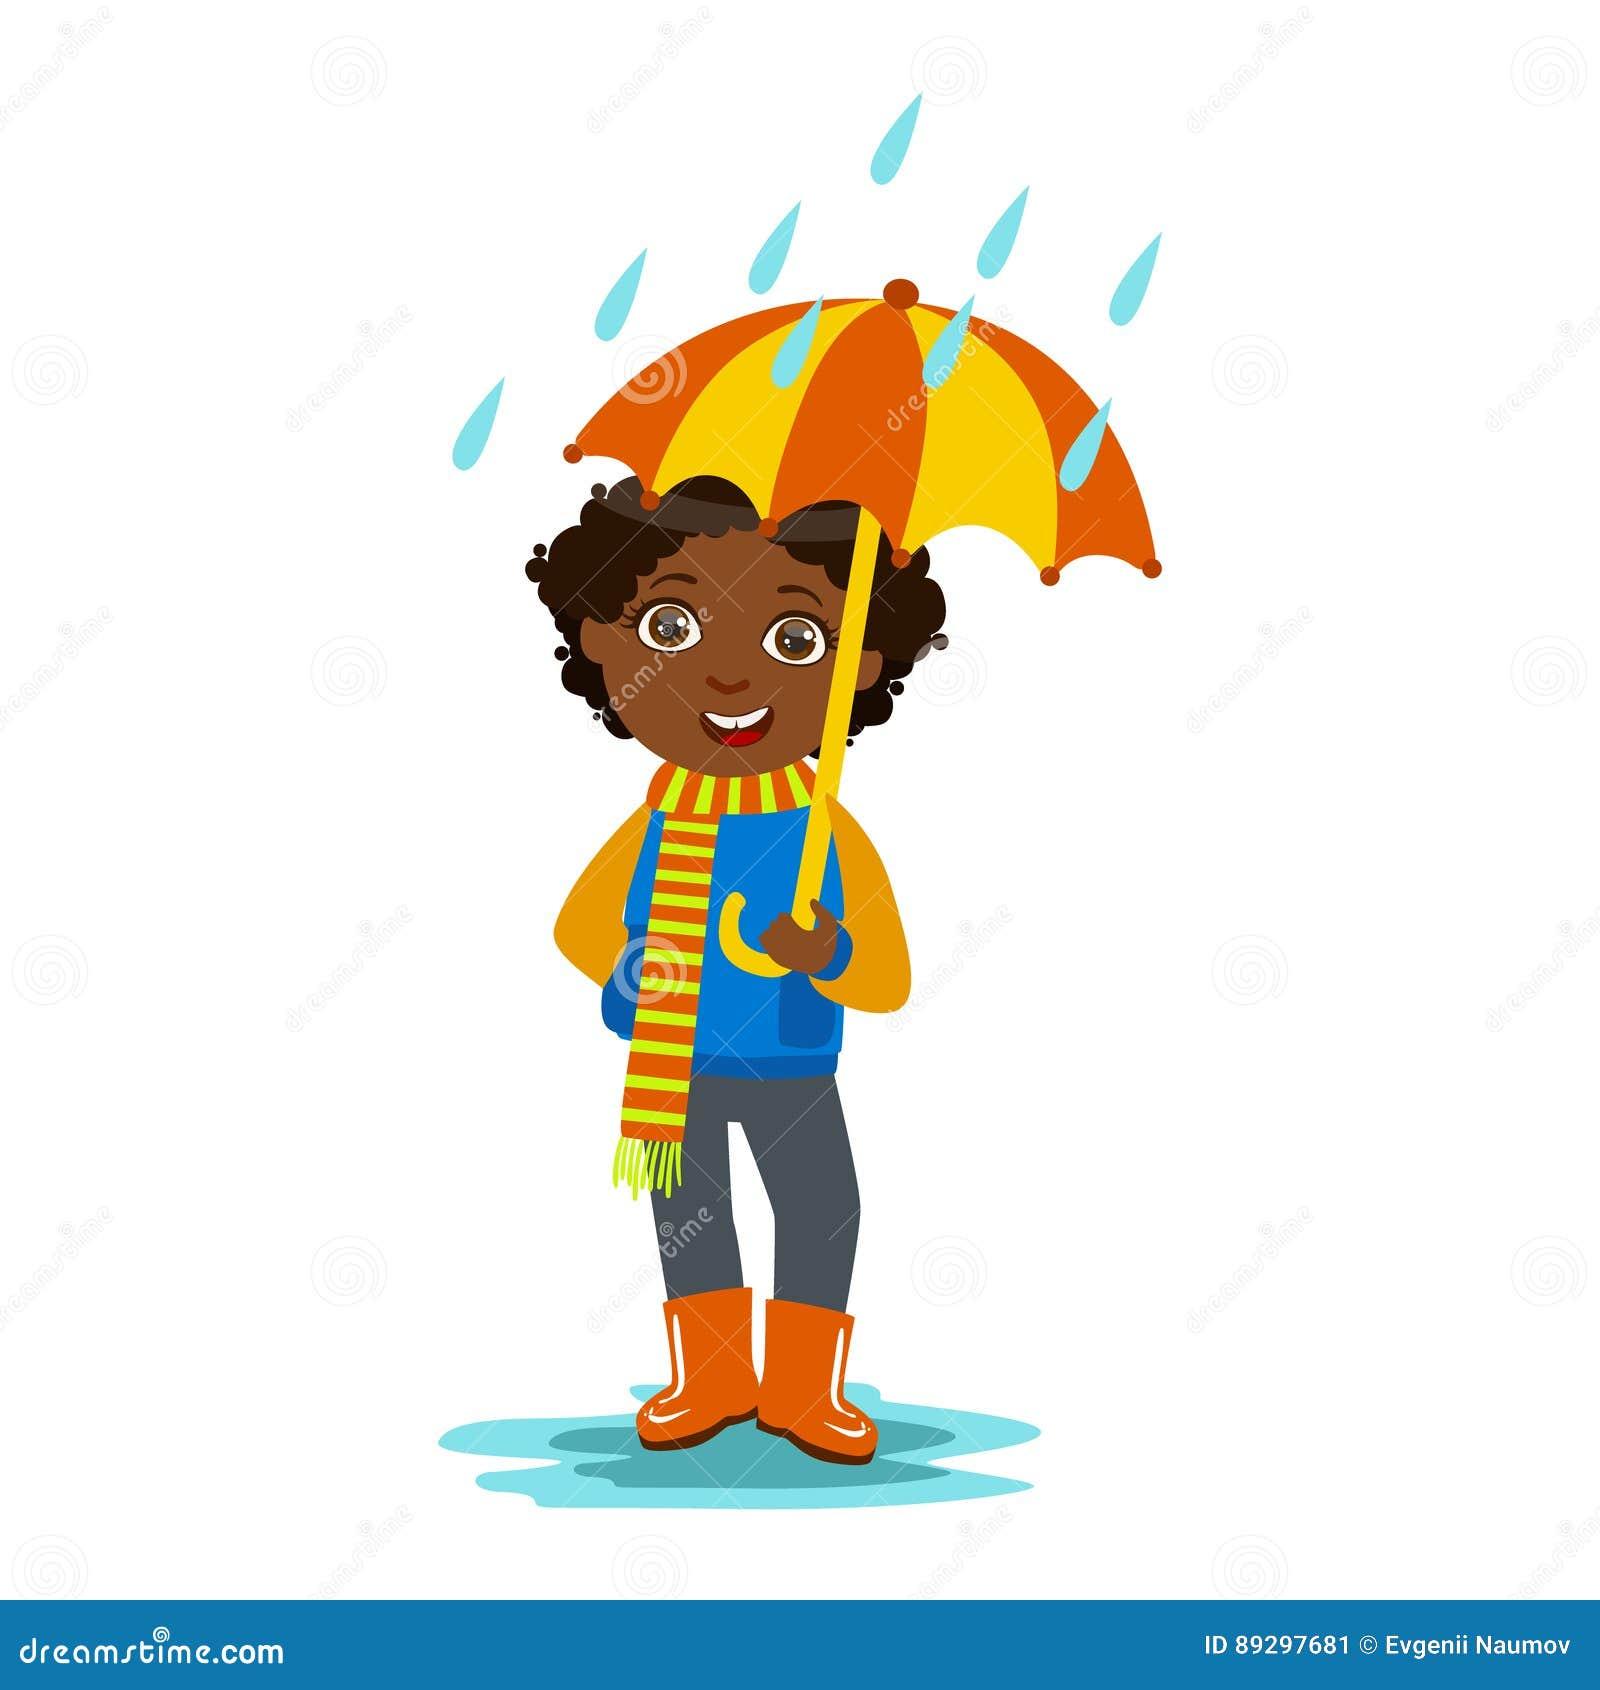 Boy With Open Umbrella Standing Under Raindrops, Kid In ...